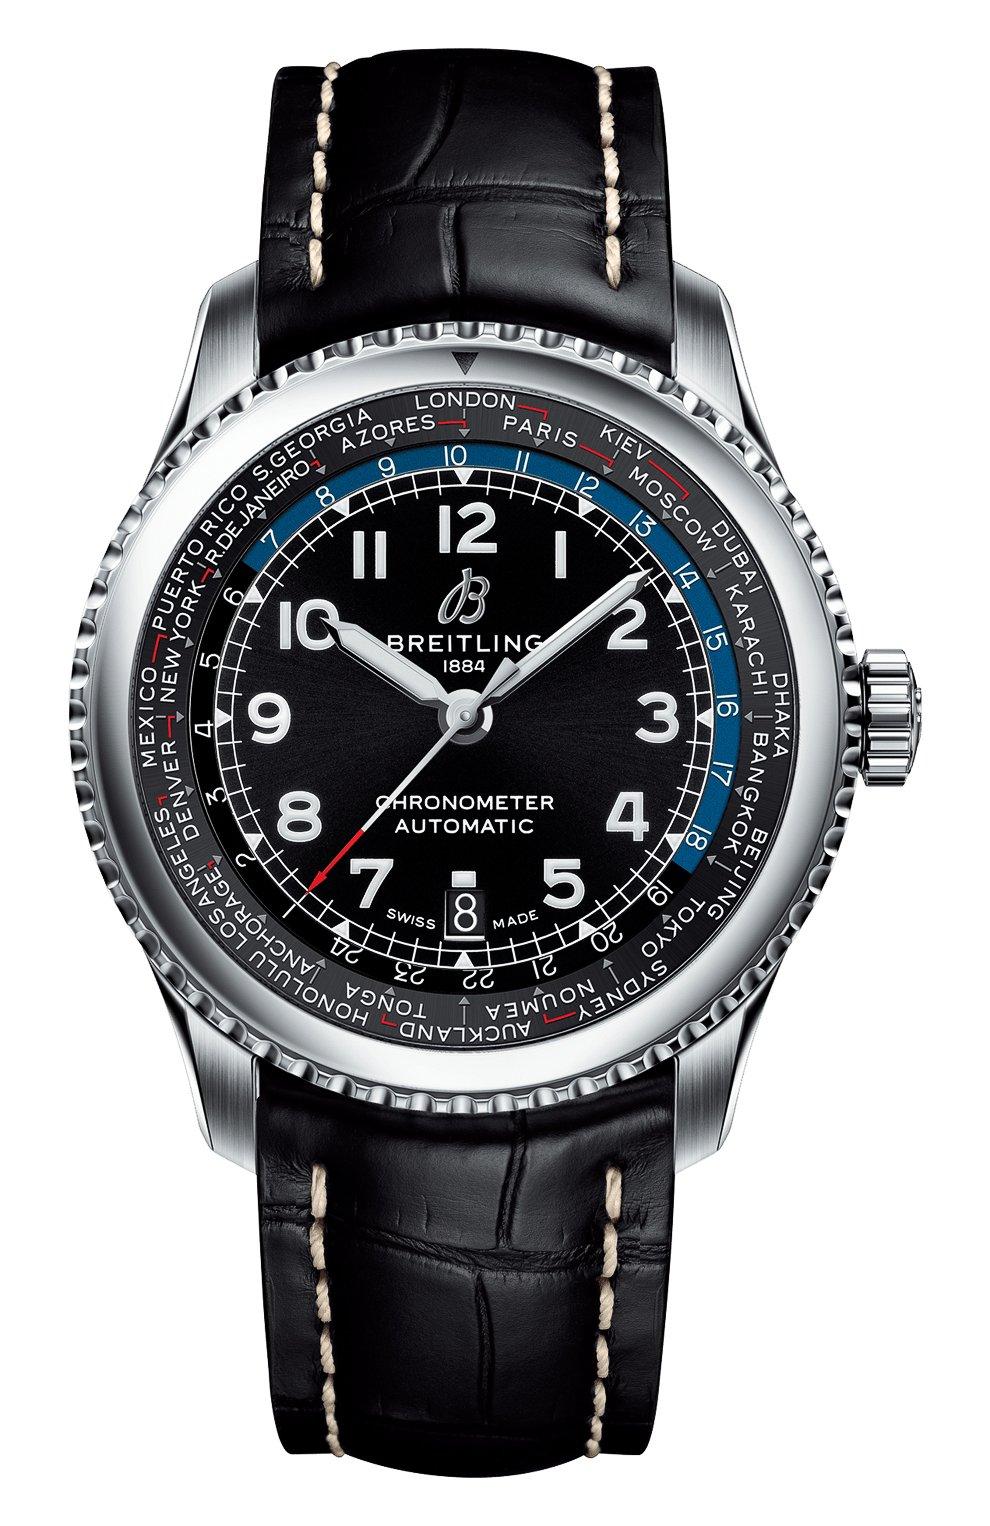 Мужские часы aviator 8 b35 automatic unitime BREITLING бесцветного цвета, арт. AB3521U41B1P1 | Фото 1 (Механизм: Автомат; Материал корпуса: Сталь; Цвет циферблата: Чёрный)